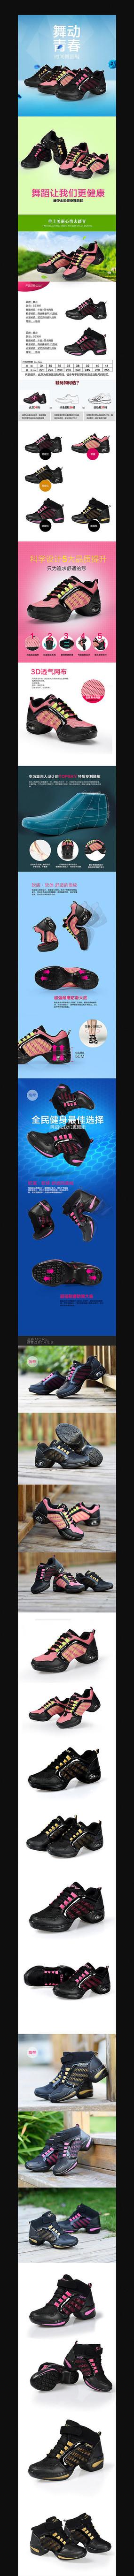 淘宝运动鞋详情页